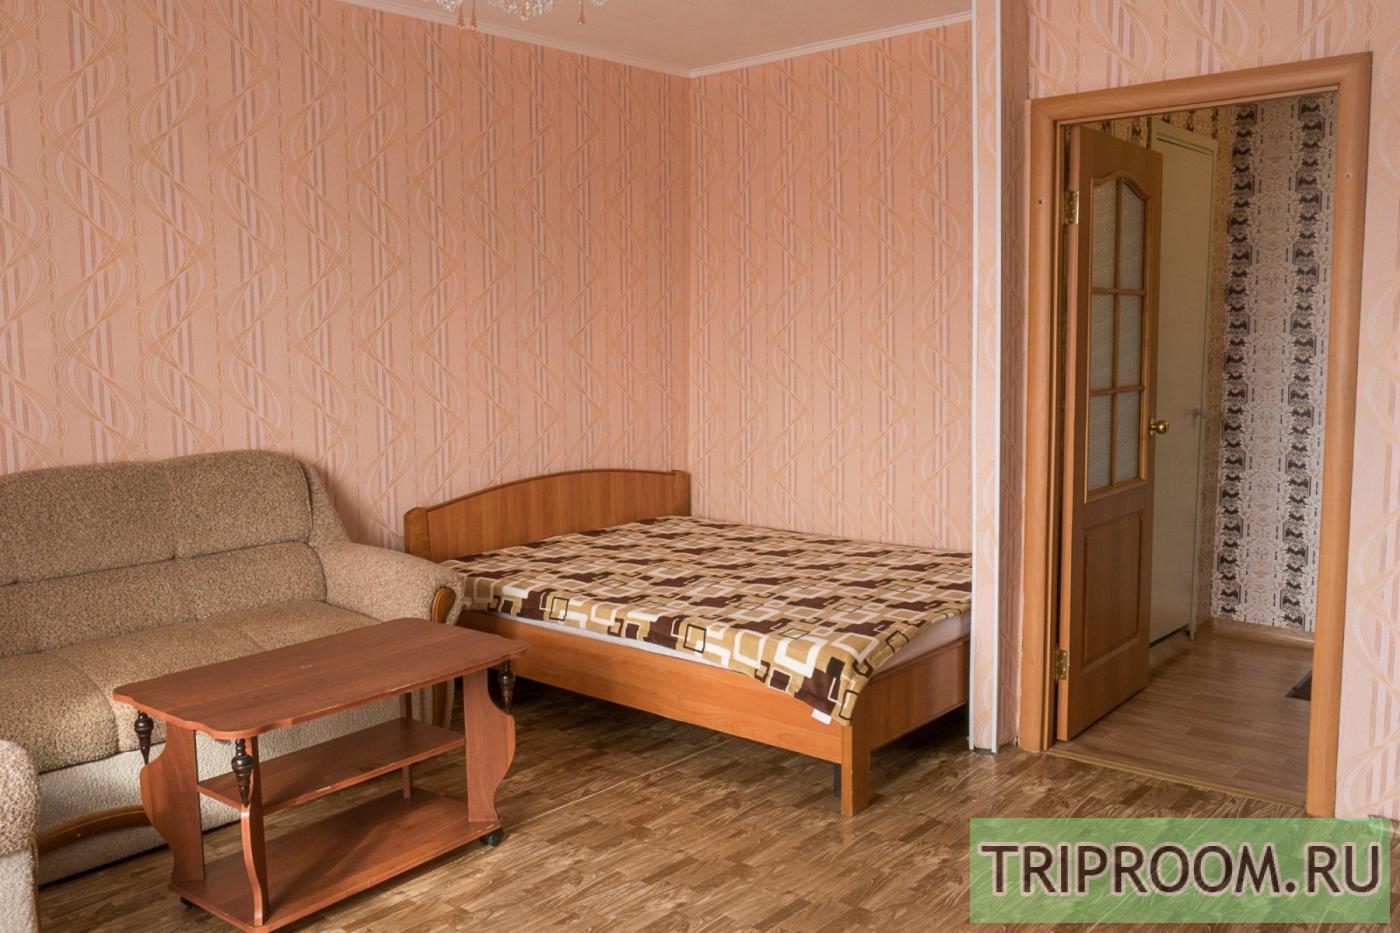 1-комнатная квартира посуточно (вариант № 35008), ул. Побежимова улица, фото № 1